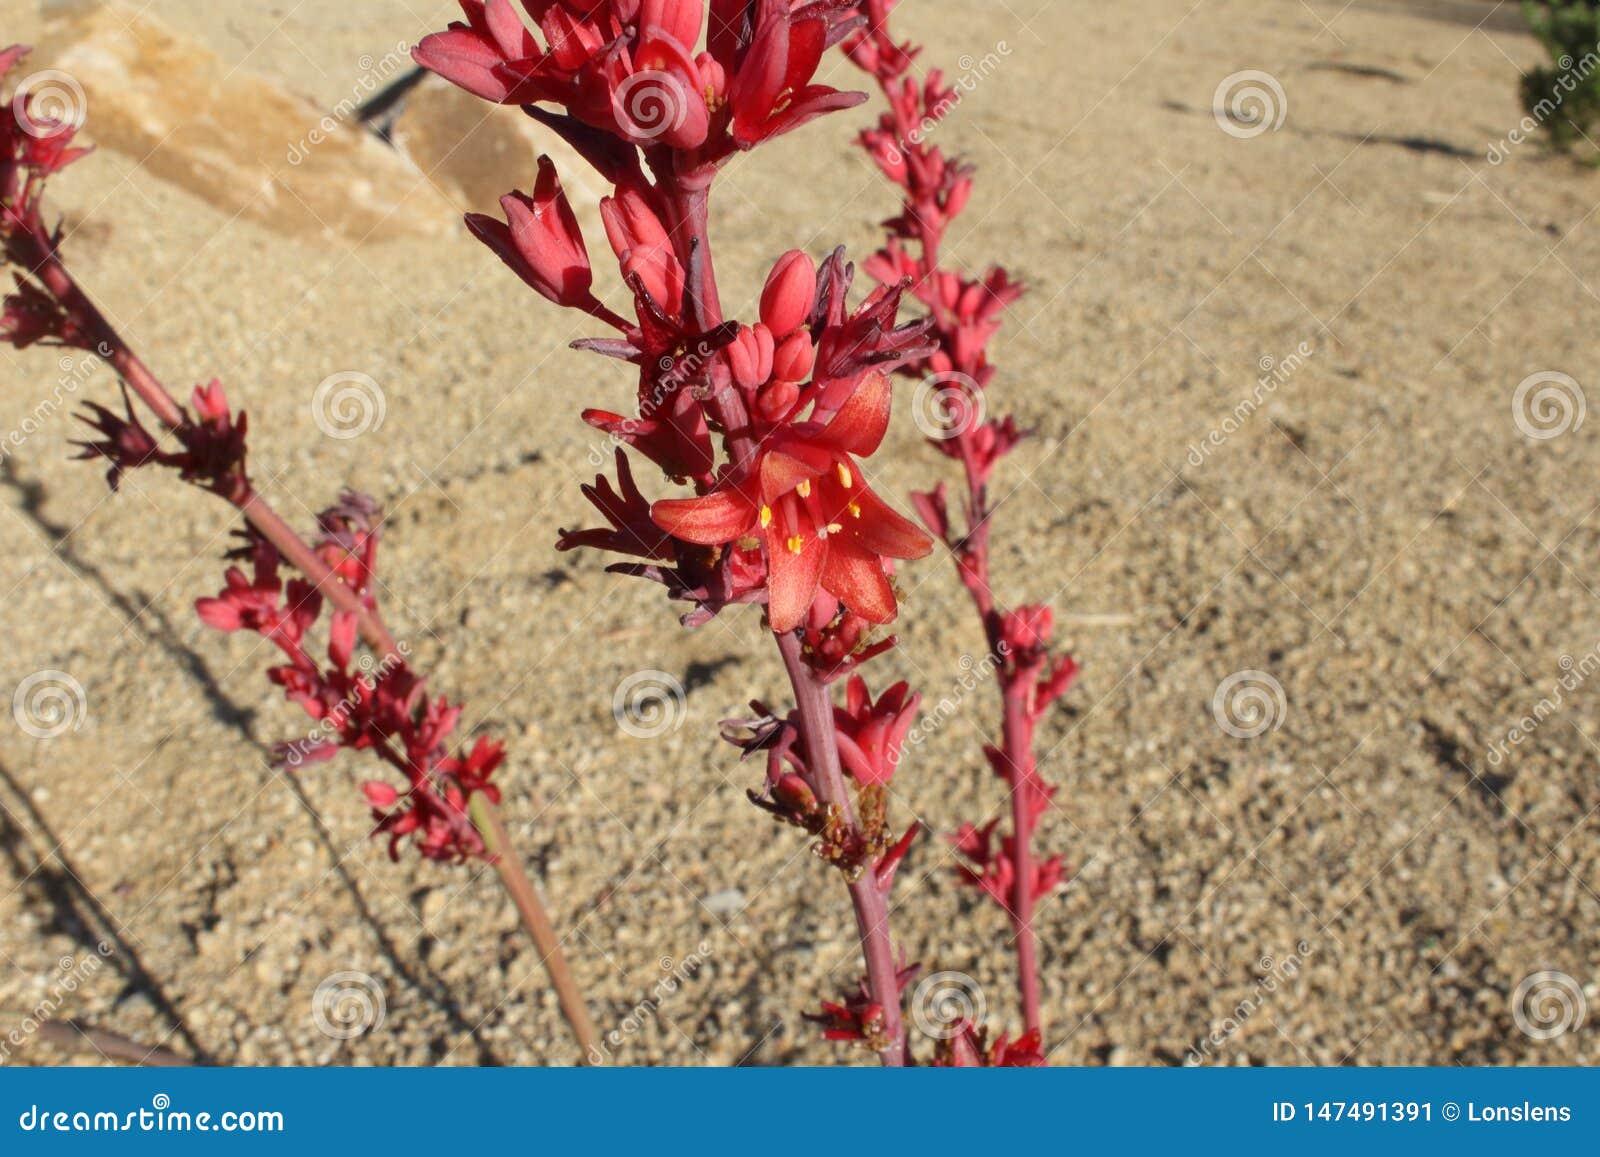 深猩红色红色丝兰花茎在阳光下